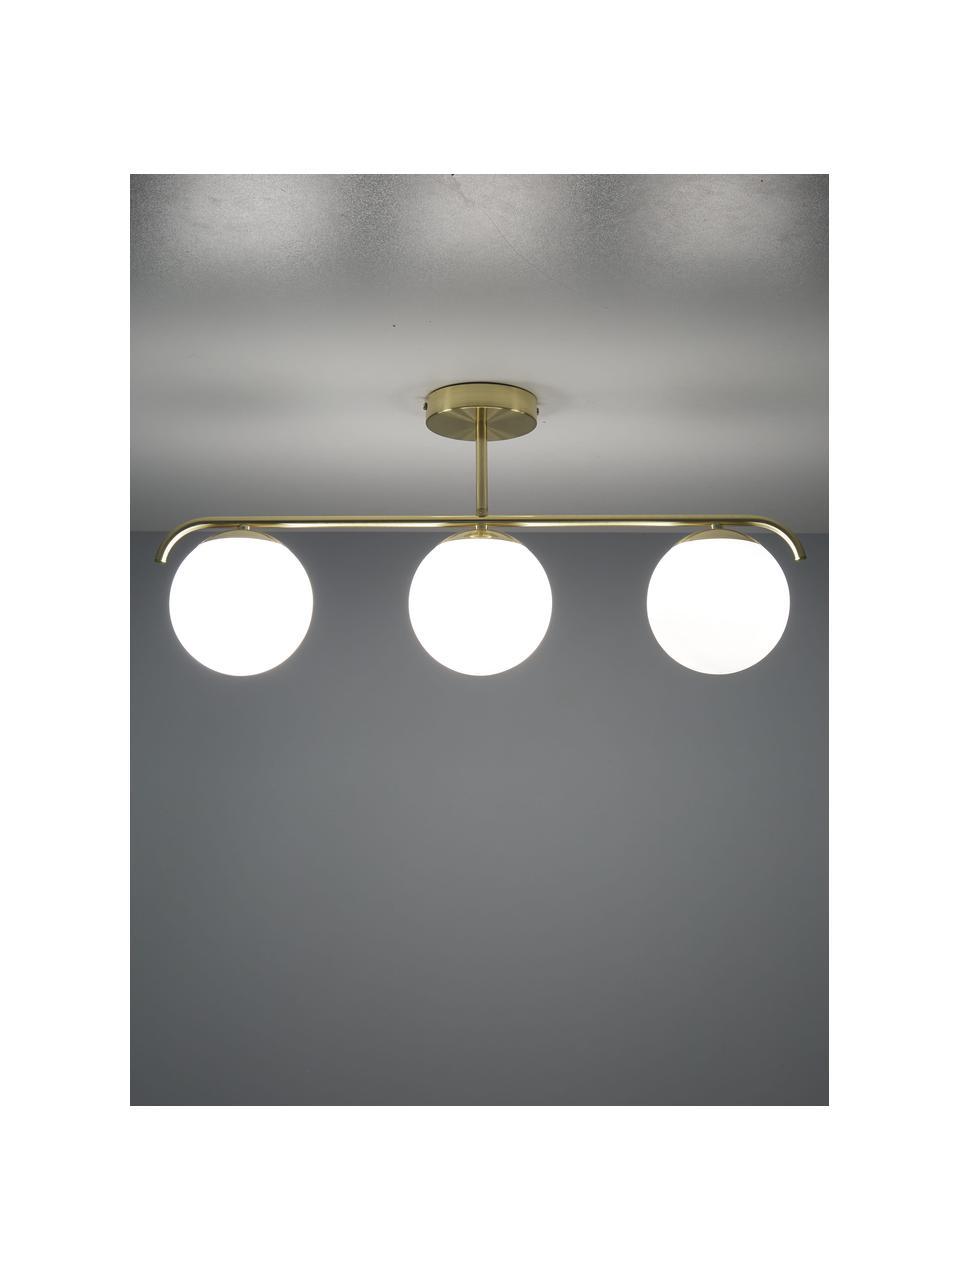 Lampa sufitowa ze szkła opalowego Grant, Biały, odcienie mosiądzu, S 70  x W 30 cm